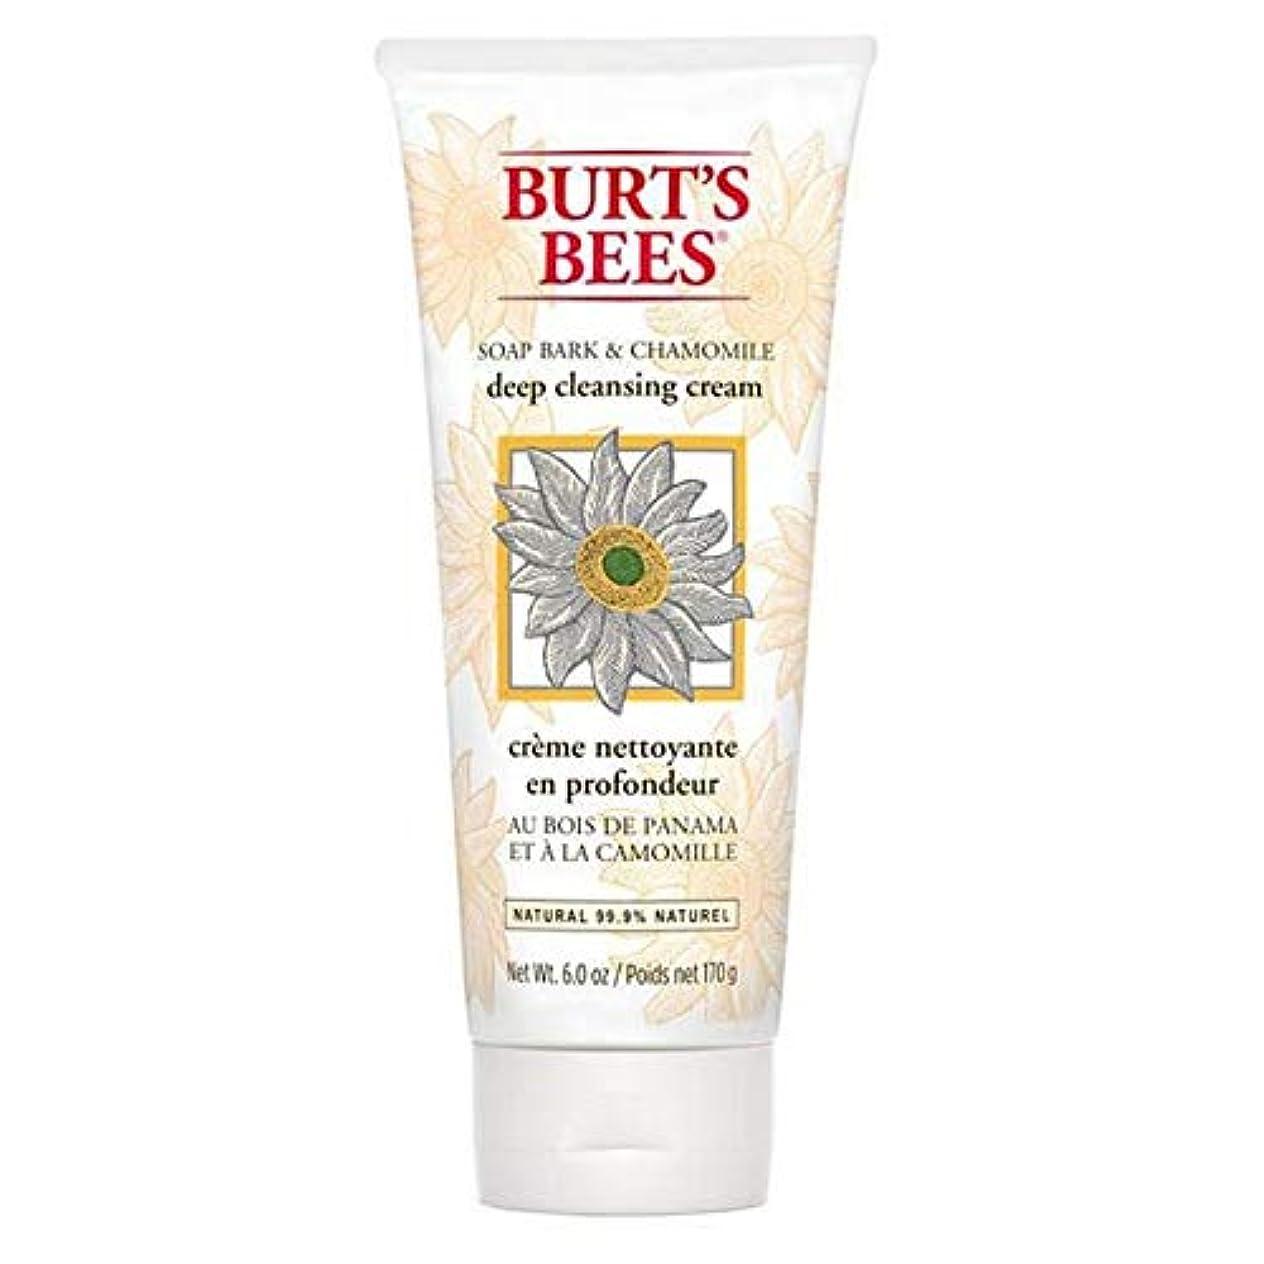 気づくインスタント少なくとも[Burt's Bees ] バーツビー石鹸樹皮&カモミールディープクレンジングクリーム170グラム - Burt's Bees Soap Bark & Chamomile Deep Cleansing Cream 170g...